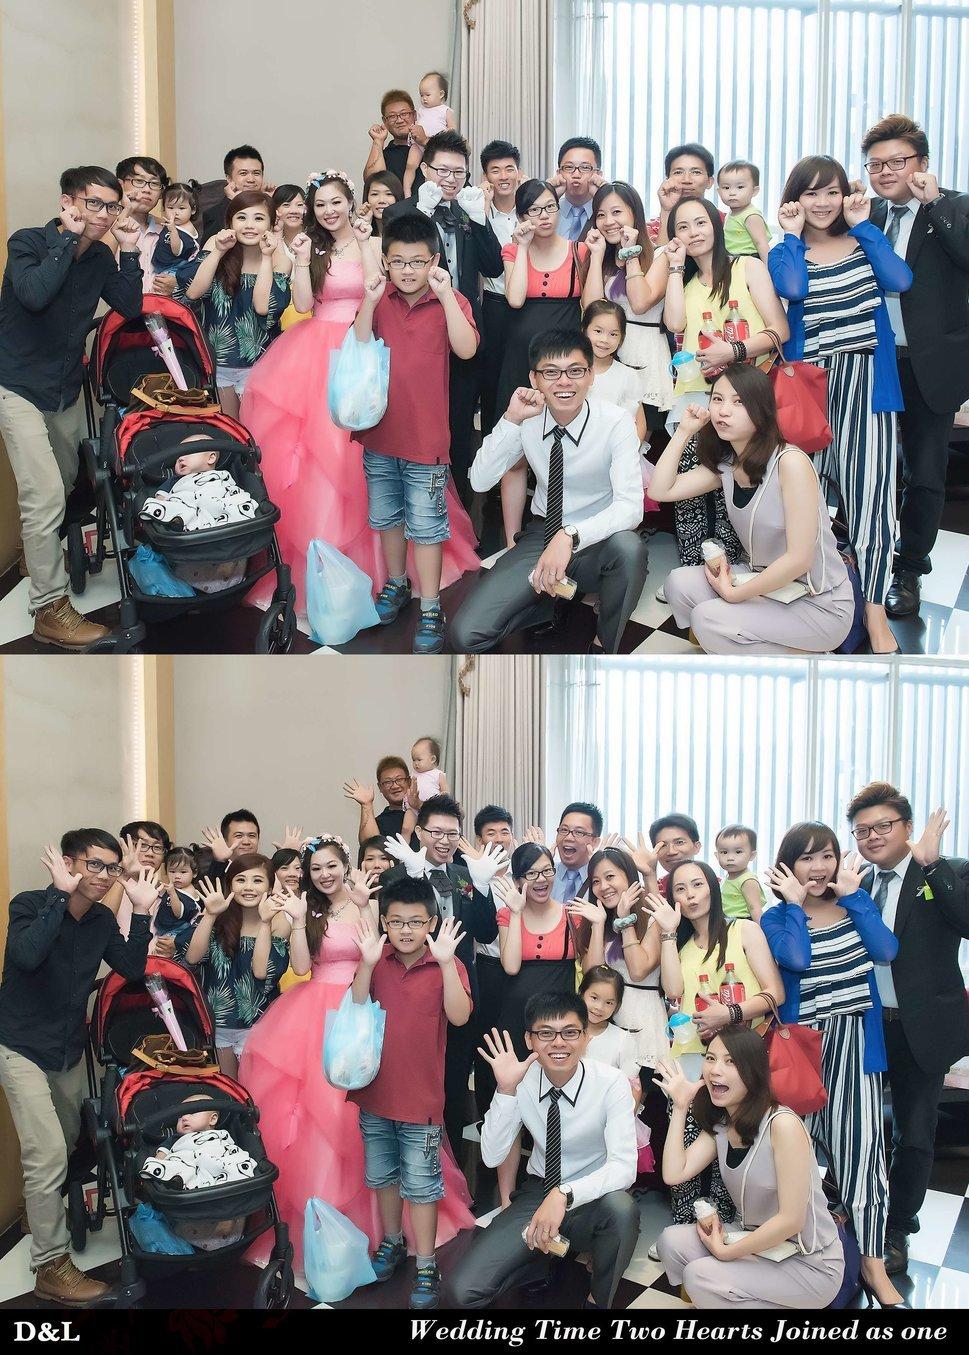 婚禮紀錄 顥天&美彣(編號:253216) - D&L 婚禮事務-婚禮攝影/婚紗寫真 - 結婚吧一站式婚禮服務平台